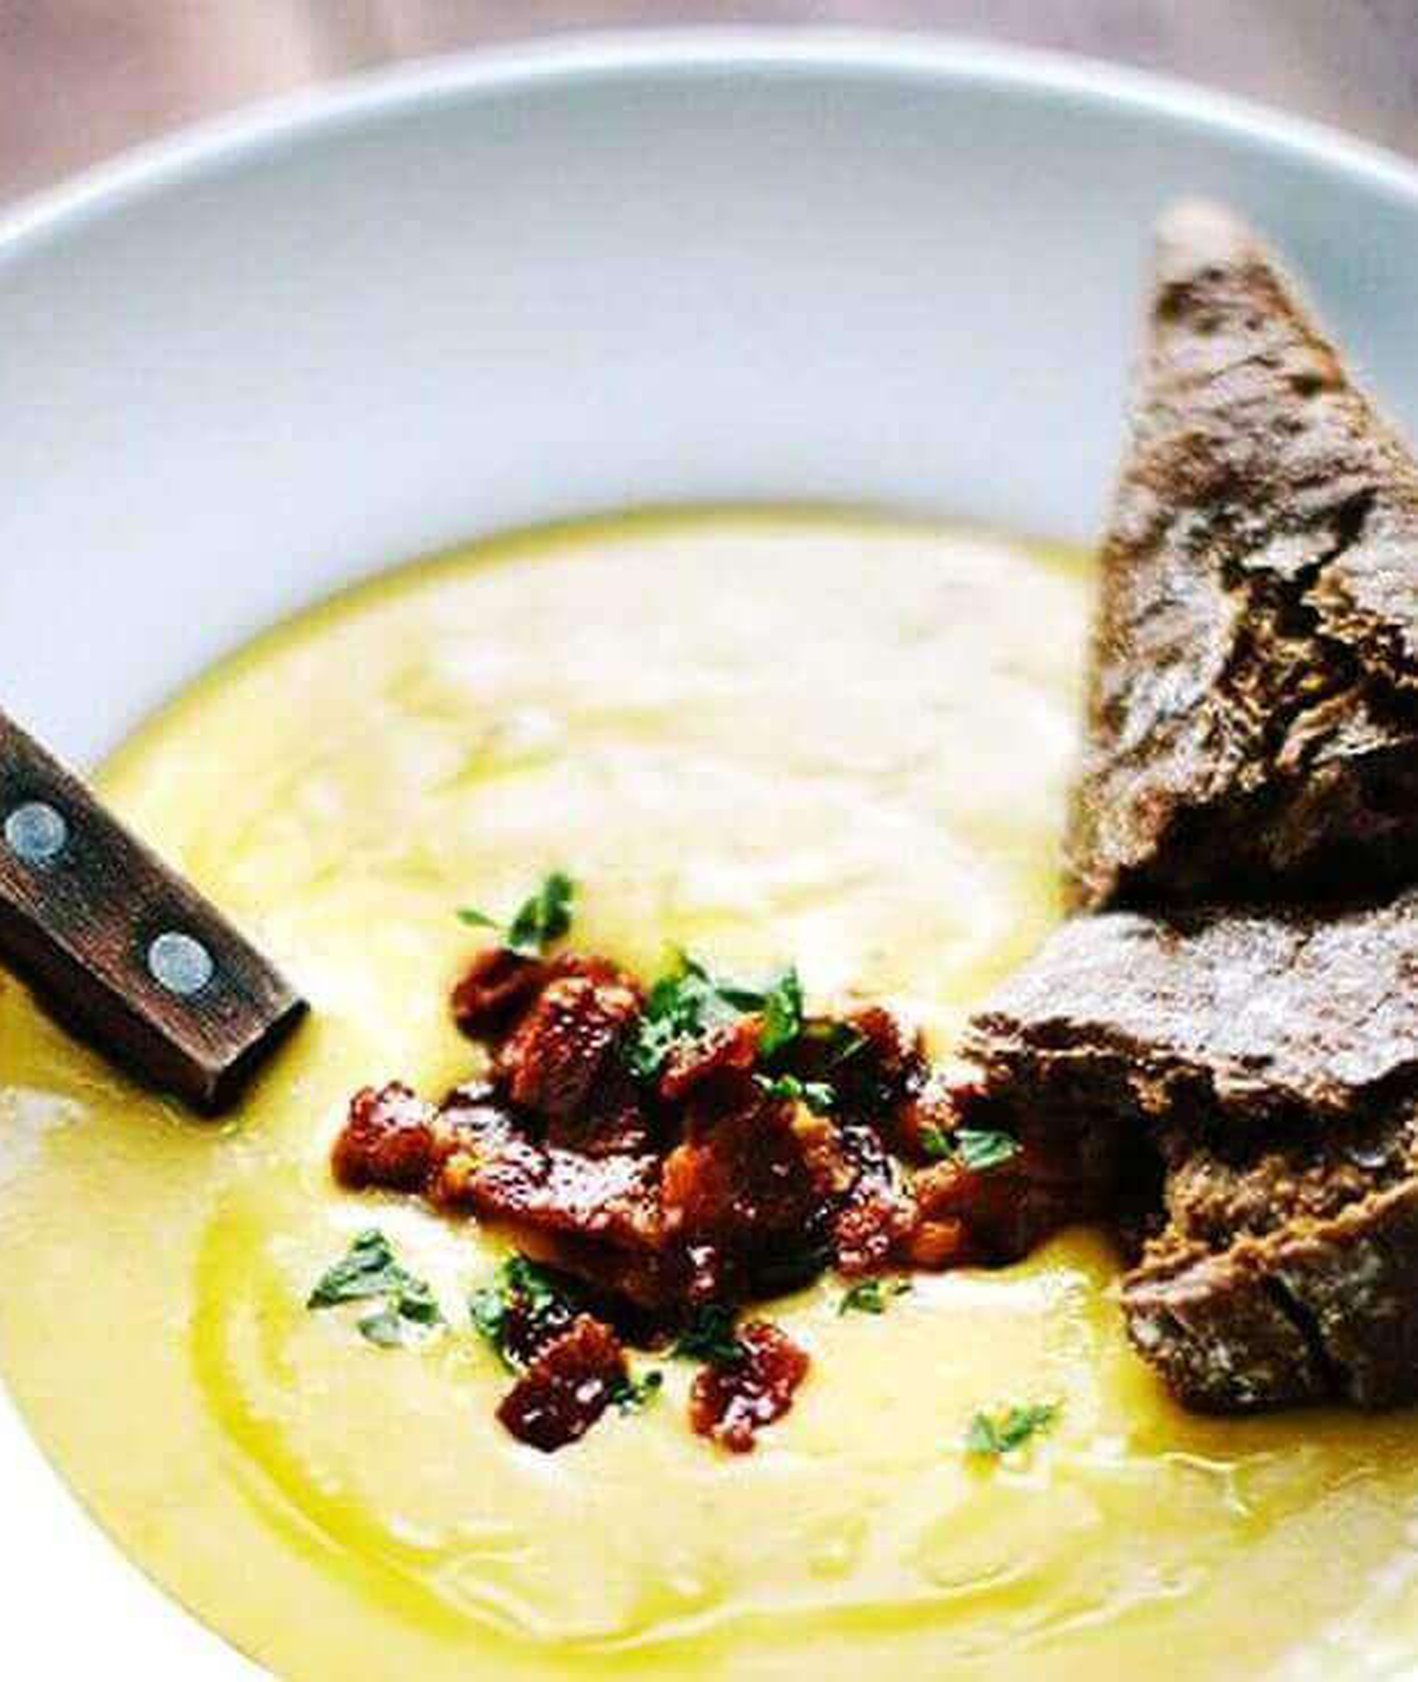 zupa krem z ziemniaków, krem ziemniaczany, krem ziemniaczany z bekonem, szybki obiad, zupa krem, rozgrzewająca zup krem, dodatki do zupy, co do zupy, obiad dla dzieci, danie jednogarnkowe, Marta Greber